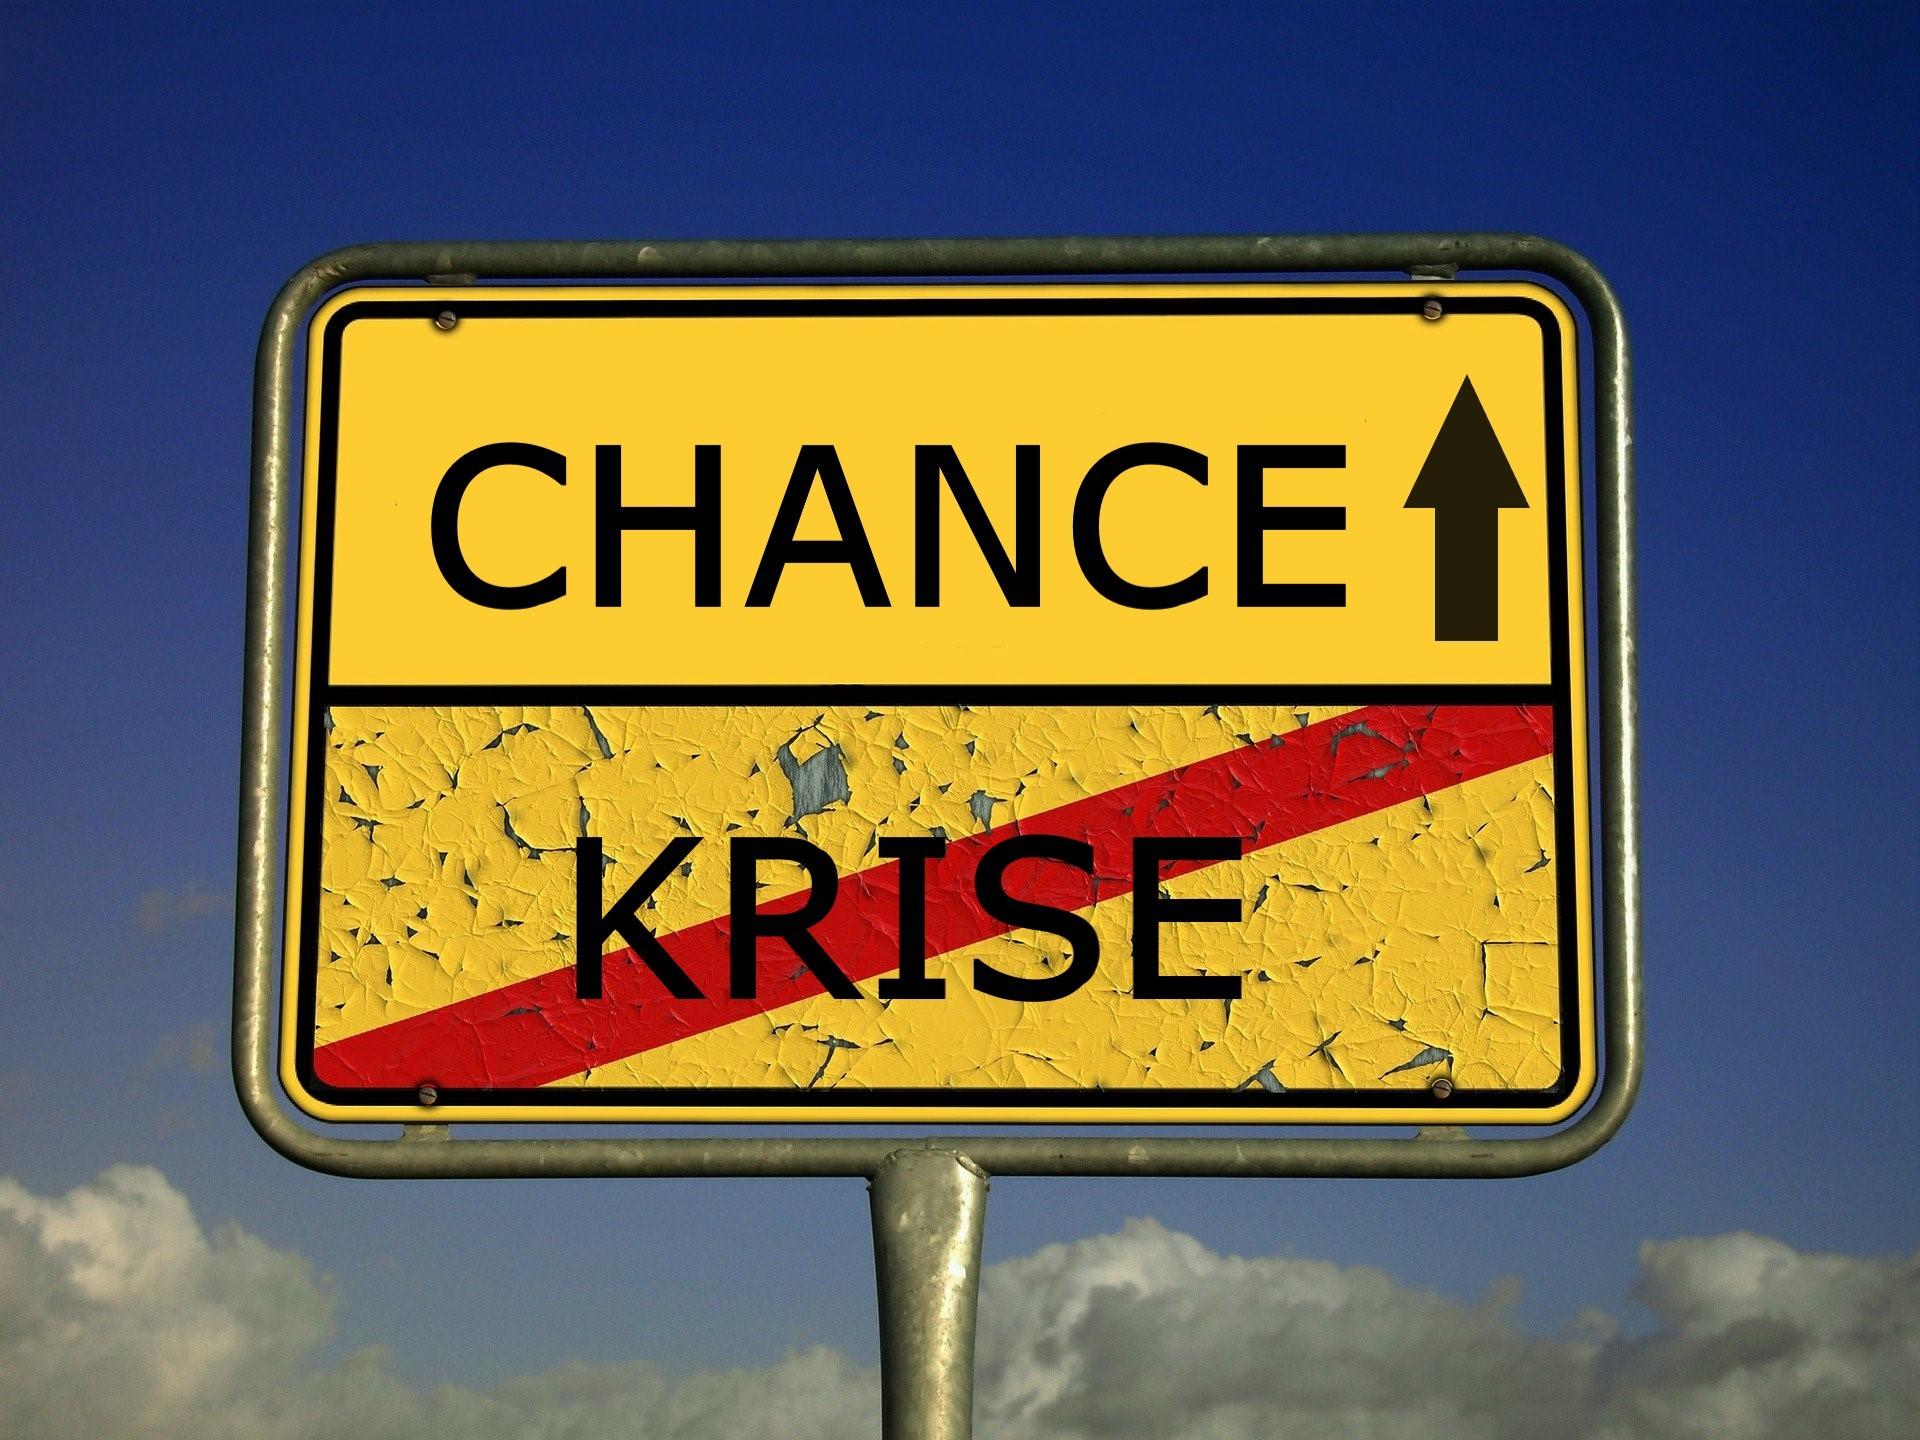 Hofheimer Sinngespräch am 14.07.2020: Mit Wumms aus der Krise. Bleibt der Sinn auf der Strecke?